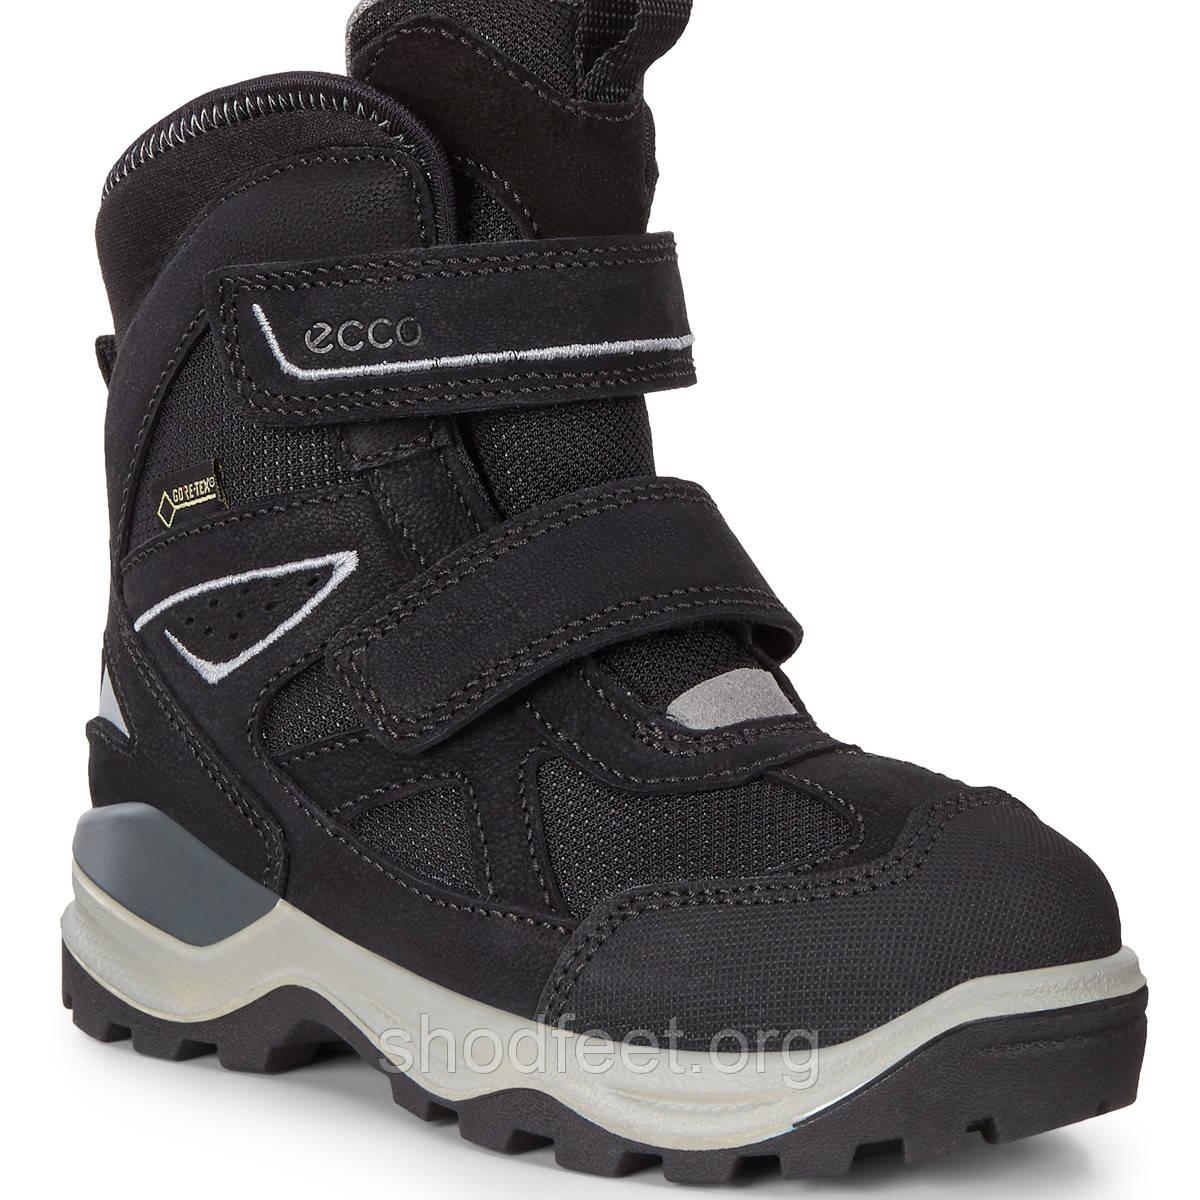 Подростковые ботинки Ecco Snow Mountain Gore-Tex 710263-51052